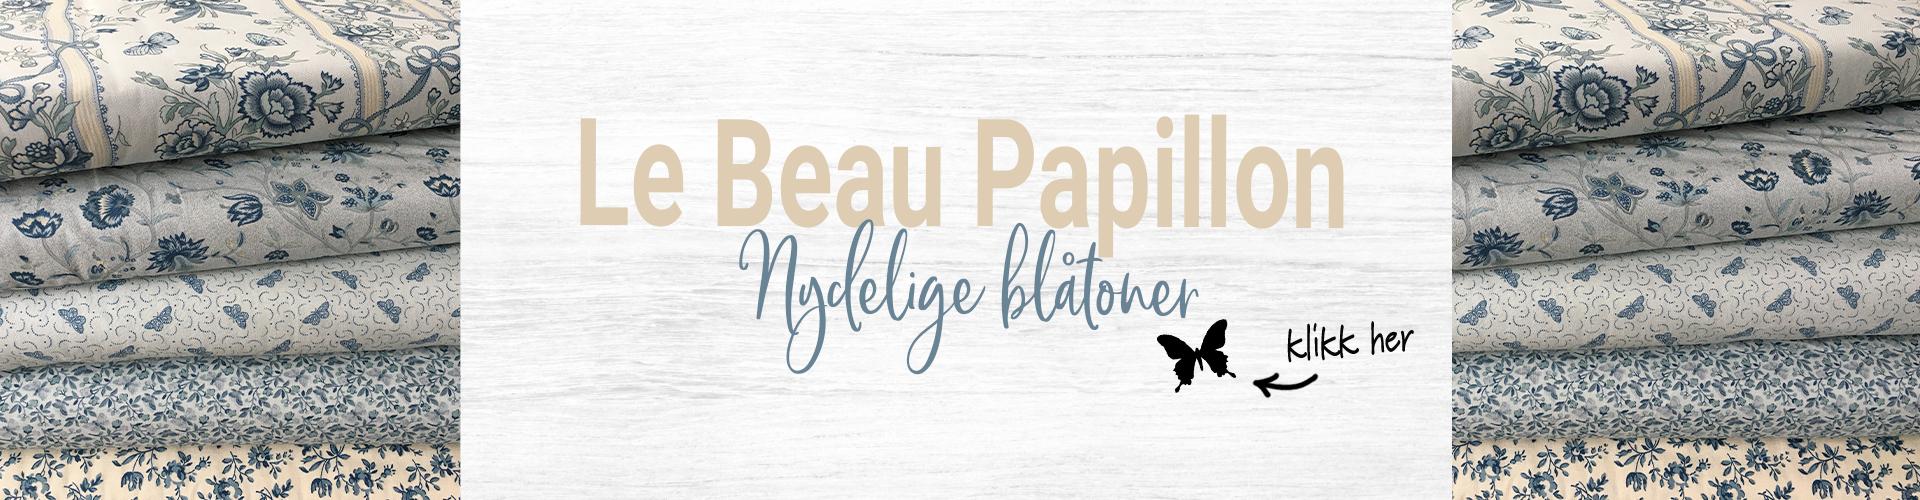 quiltestæsj-1920x500-La Beau Papillon